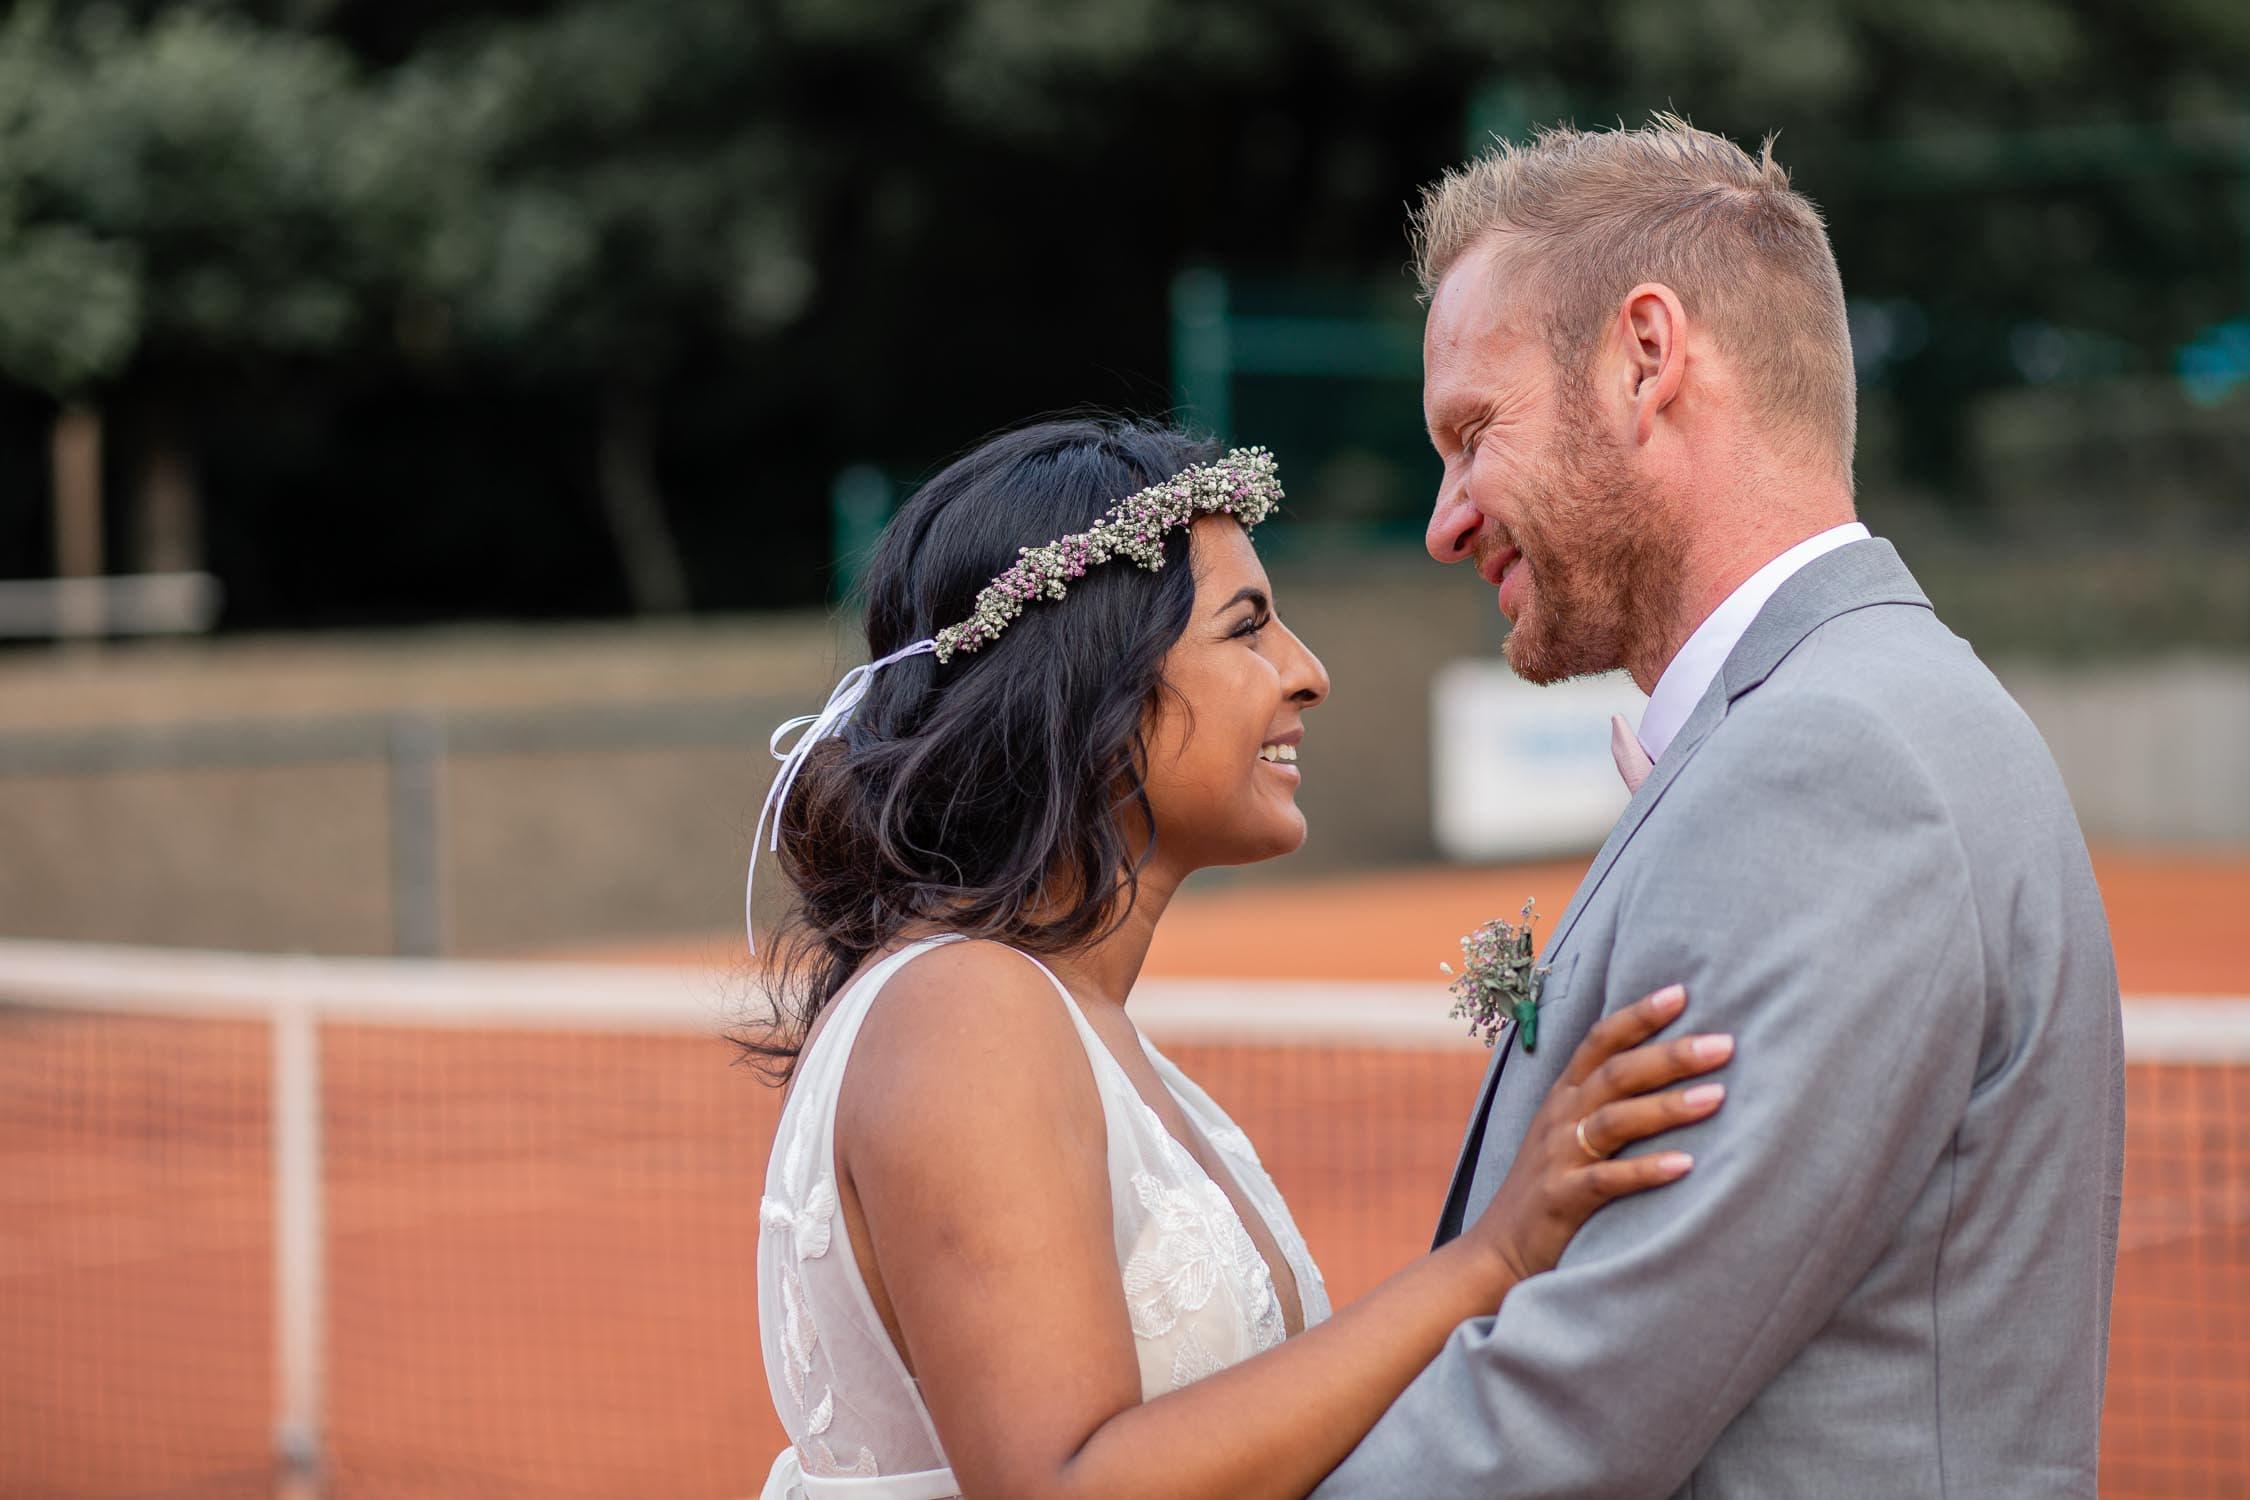 Authentische Hochzeitsfotografie Hochzeitsfotograf Koeln Andre Bastos Fotoggrafie 34 min – gesehen bei frauimmer-herrewig.de